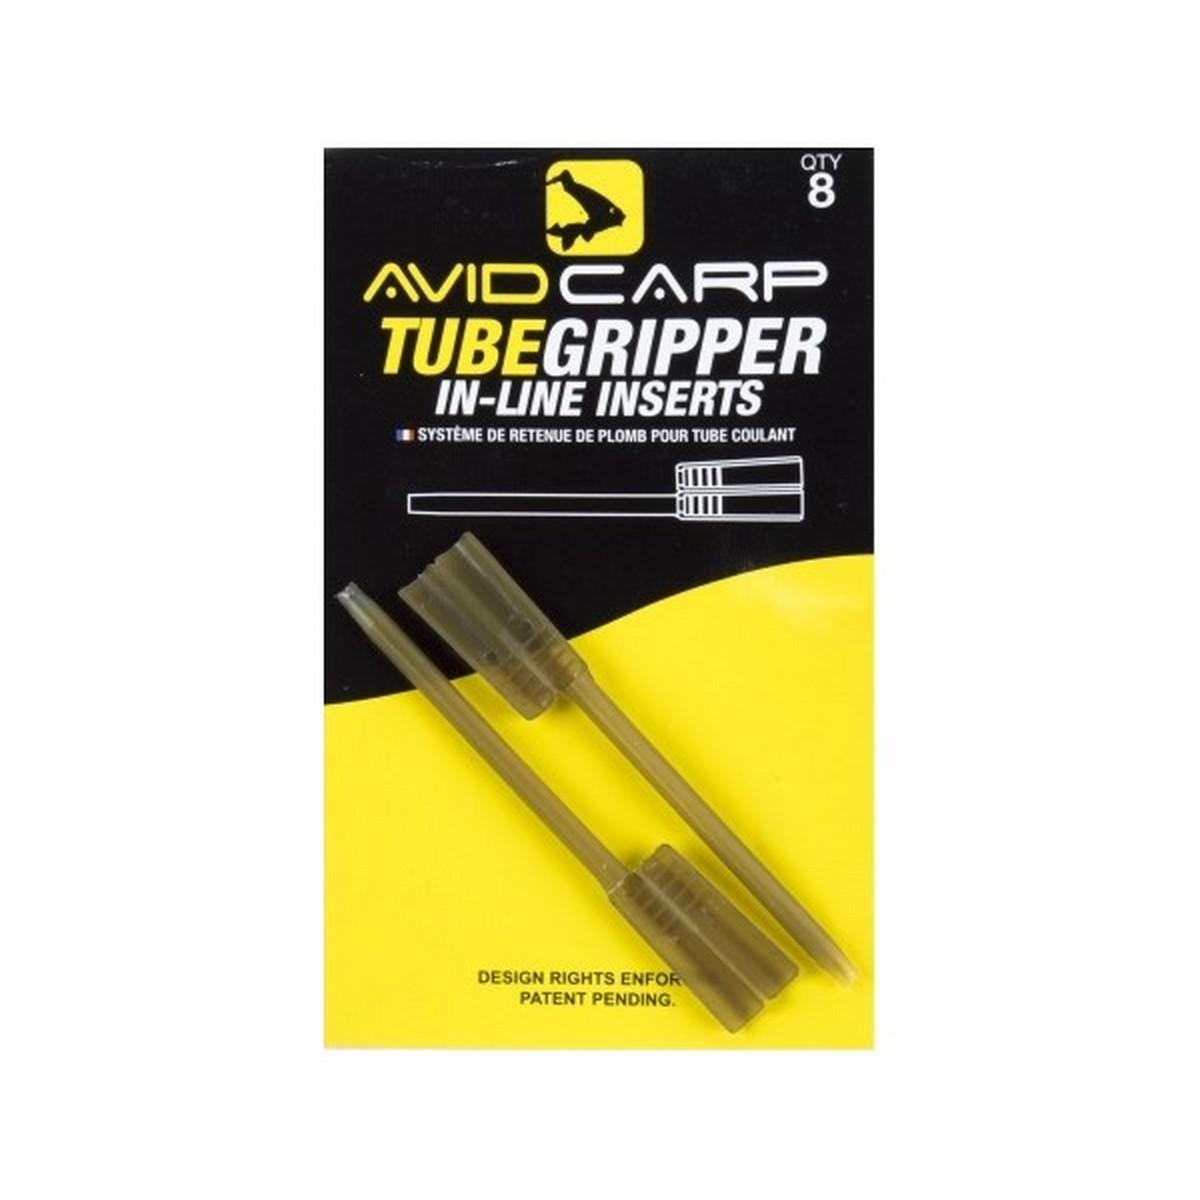 Конус за монтажи Avid Carp Tube Gripper In-Line Insert